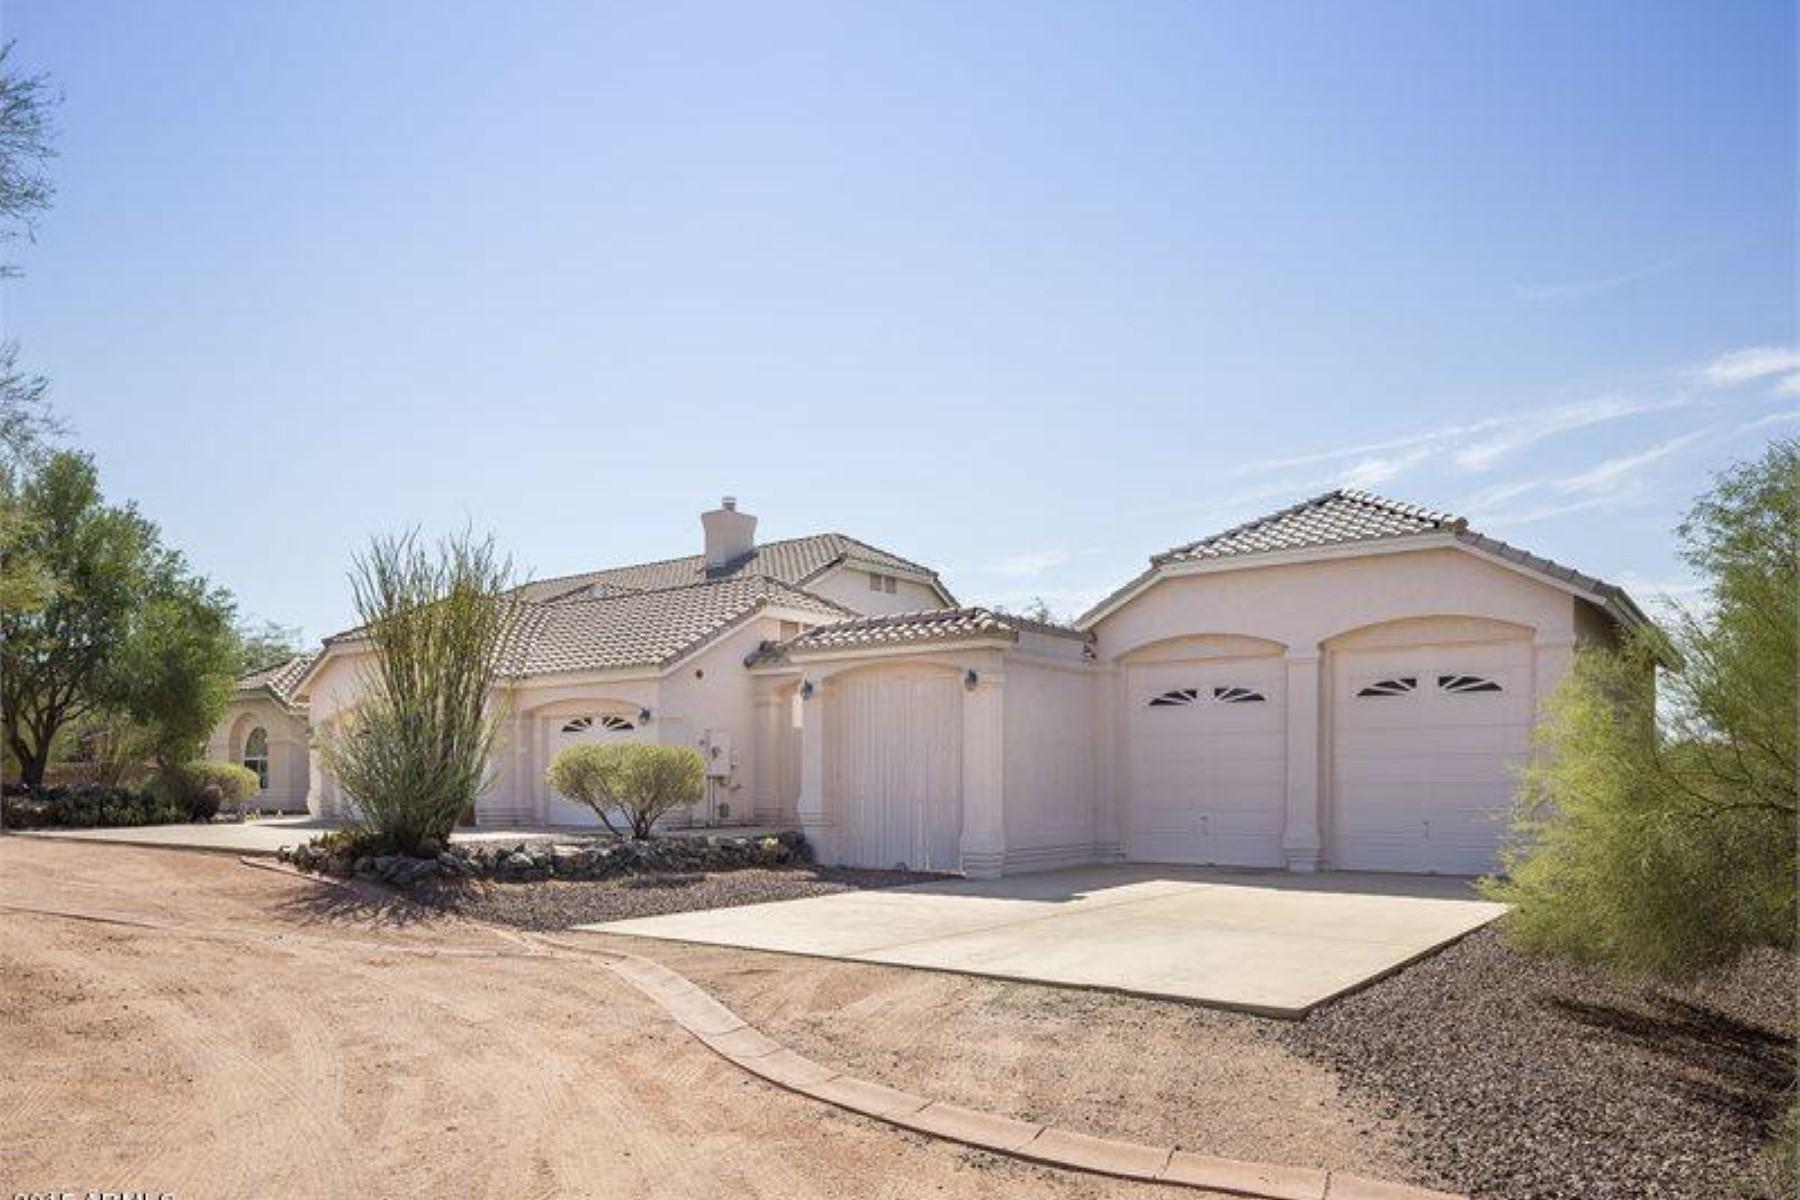 一戸建て のために 売買 アット Meticulously well kept home in Vistana 8337 E TETHER TRL Scottsdale, アリゾナ 85255 アメリカ合衆国